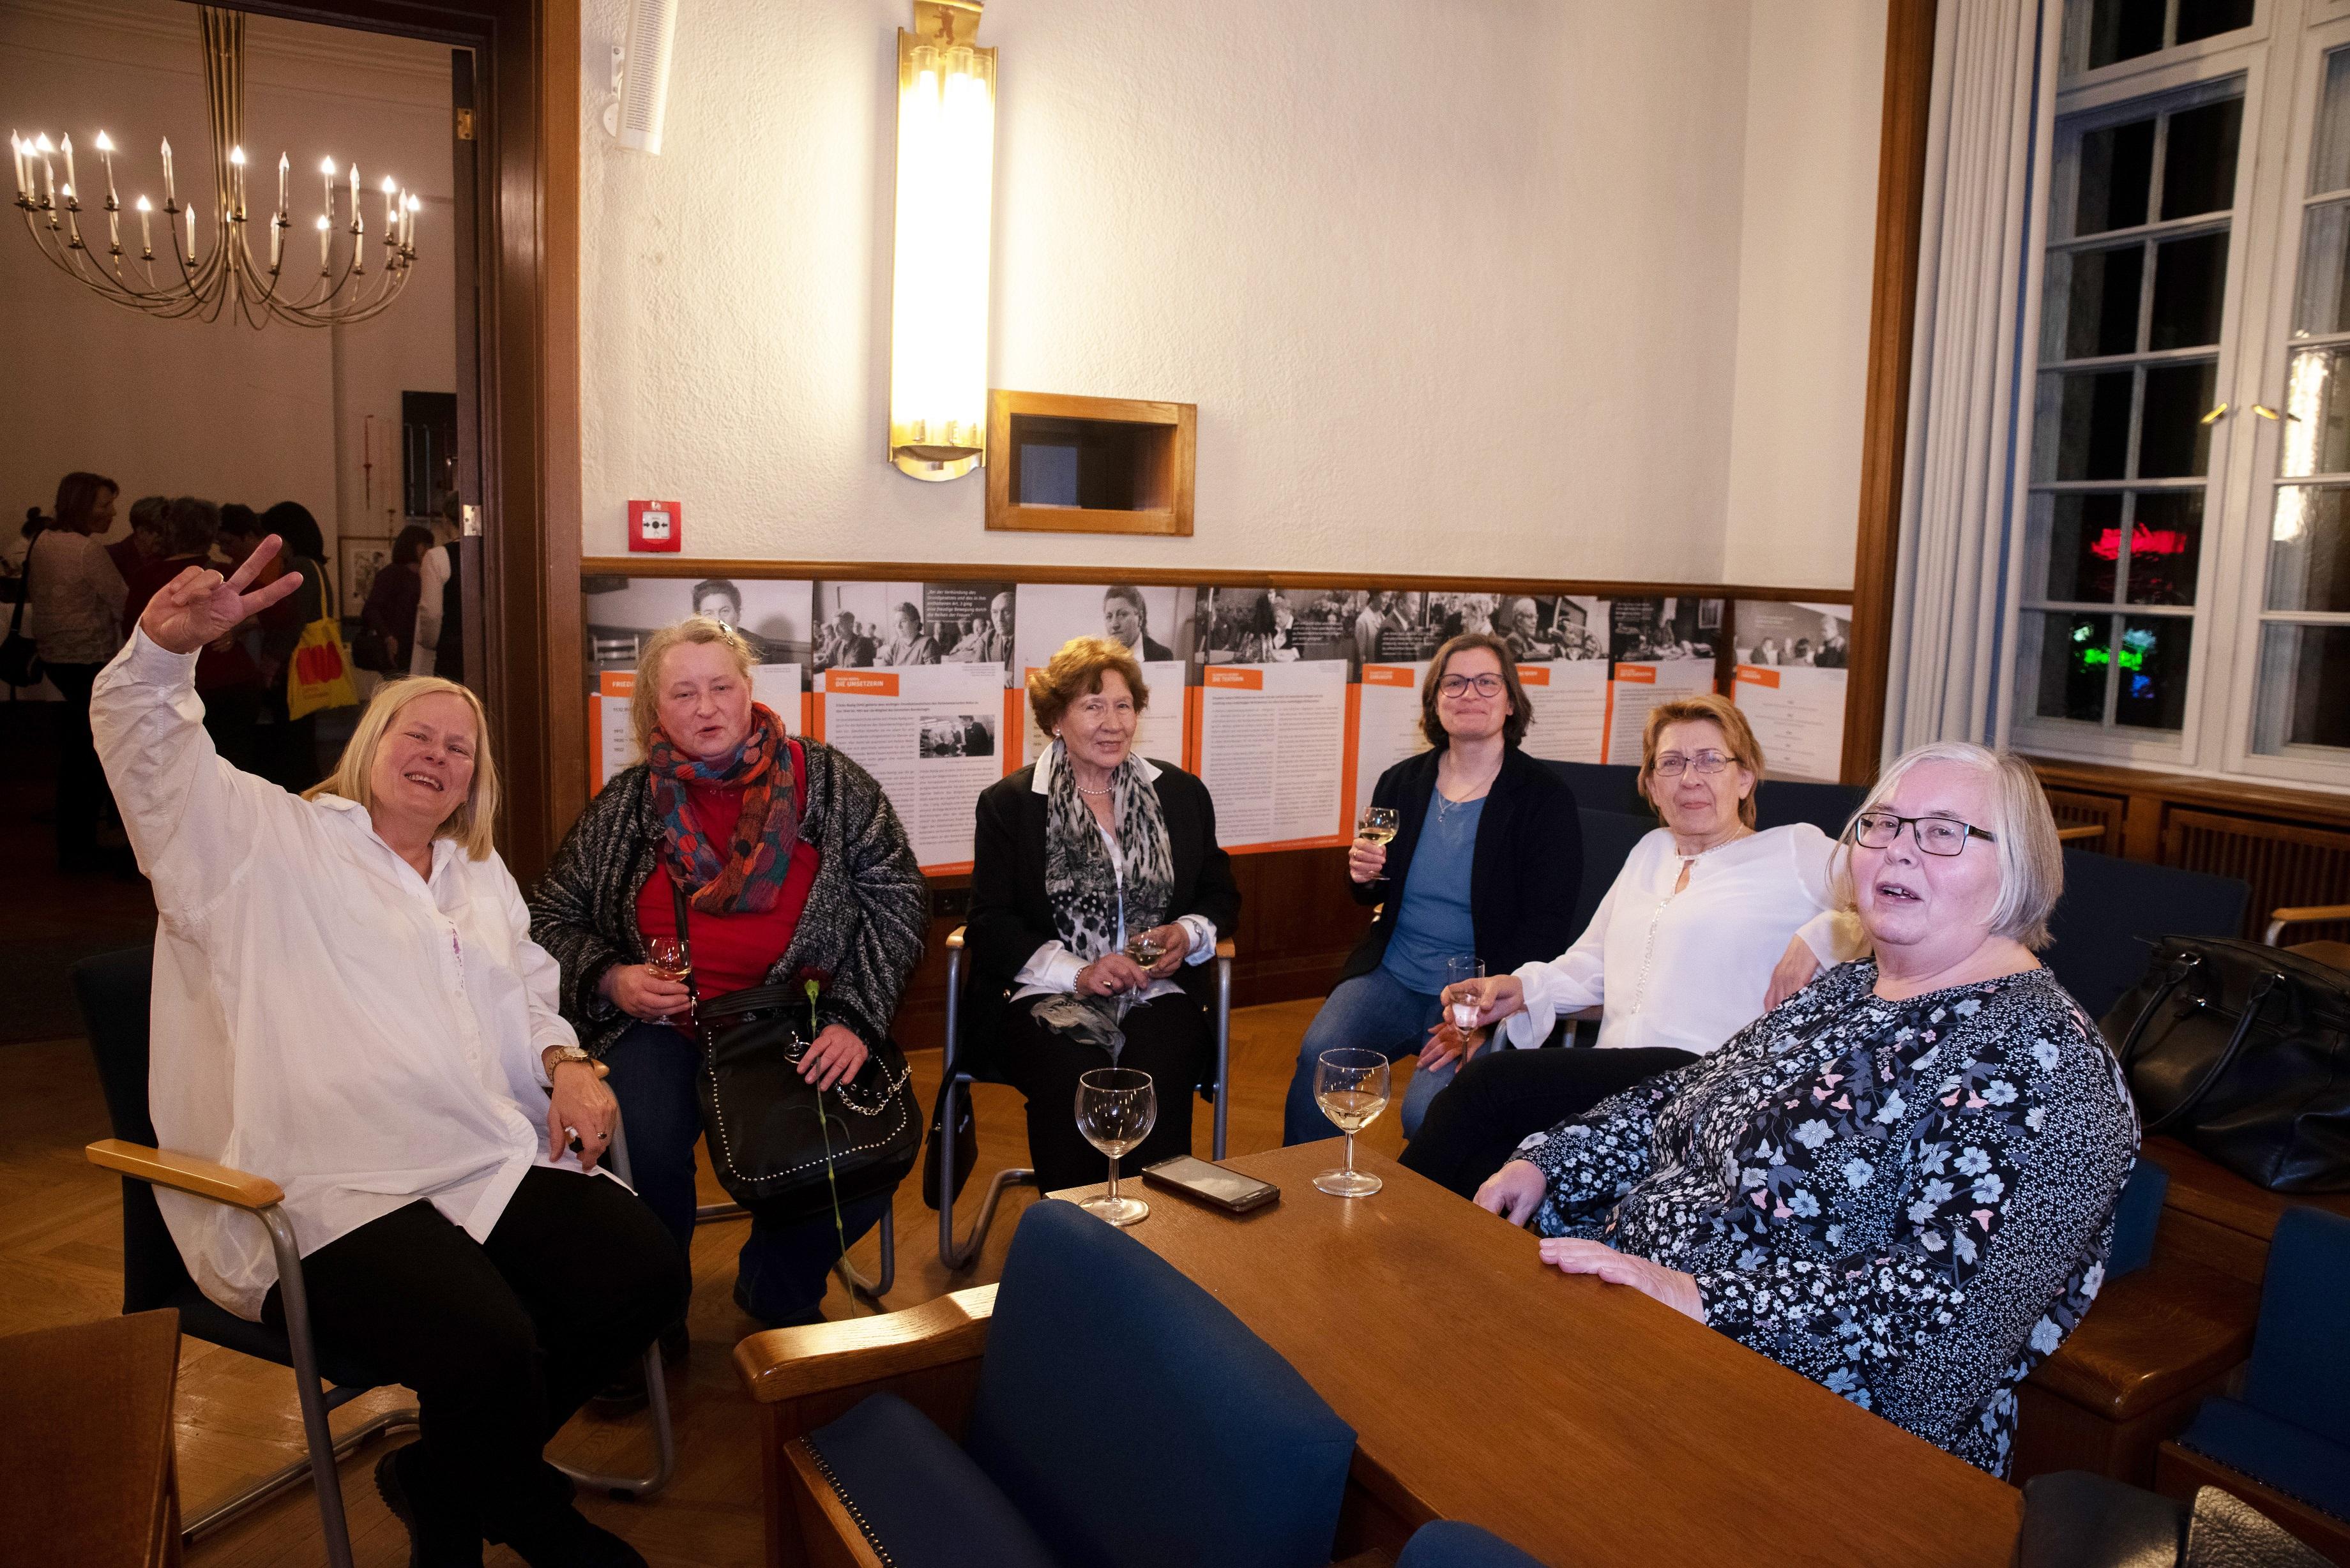 Feier 100 Jahre Frauenwahlrecht mit dem Blick nach vorne 28